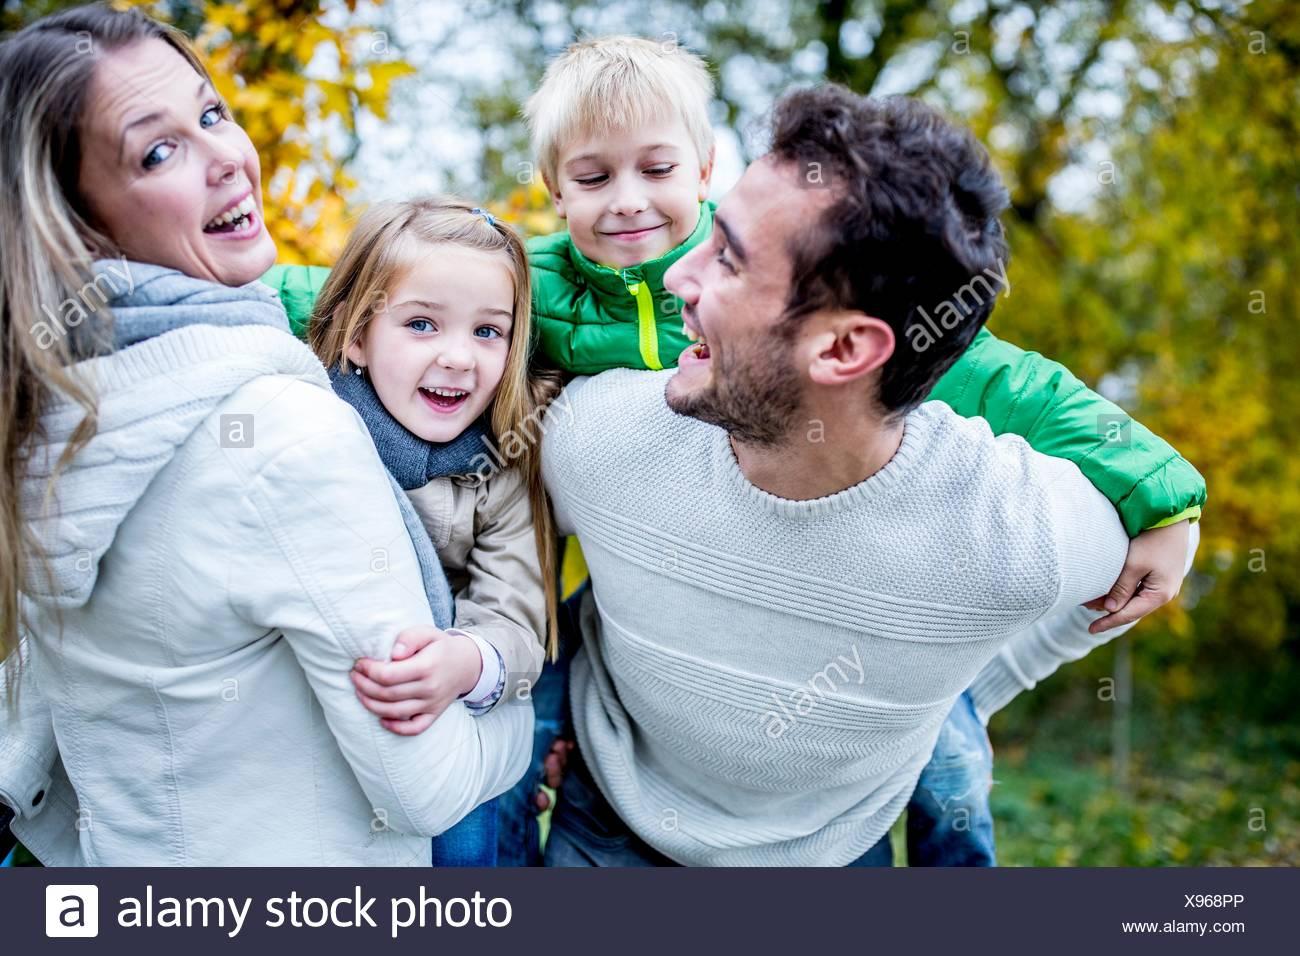 Parution du modèle. Les parents avec leurs enfants à l'automne, de rire. Photo Stock